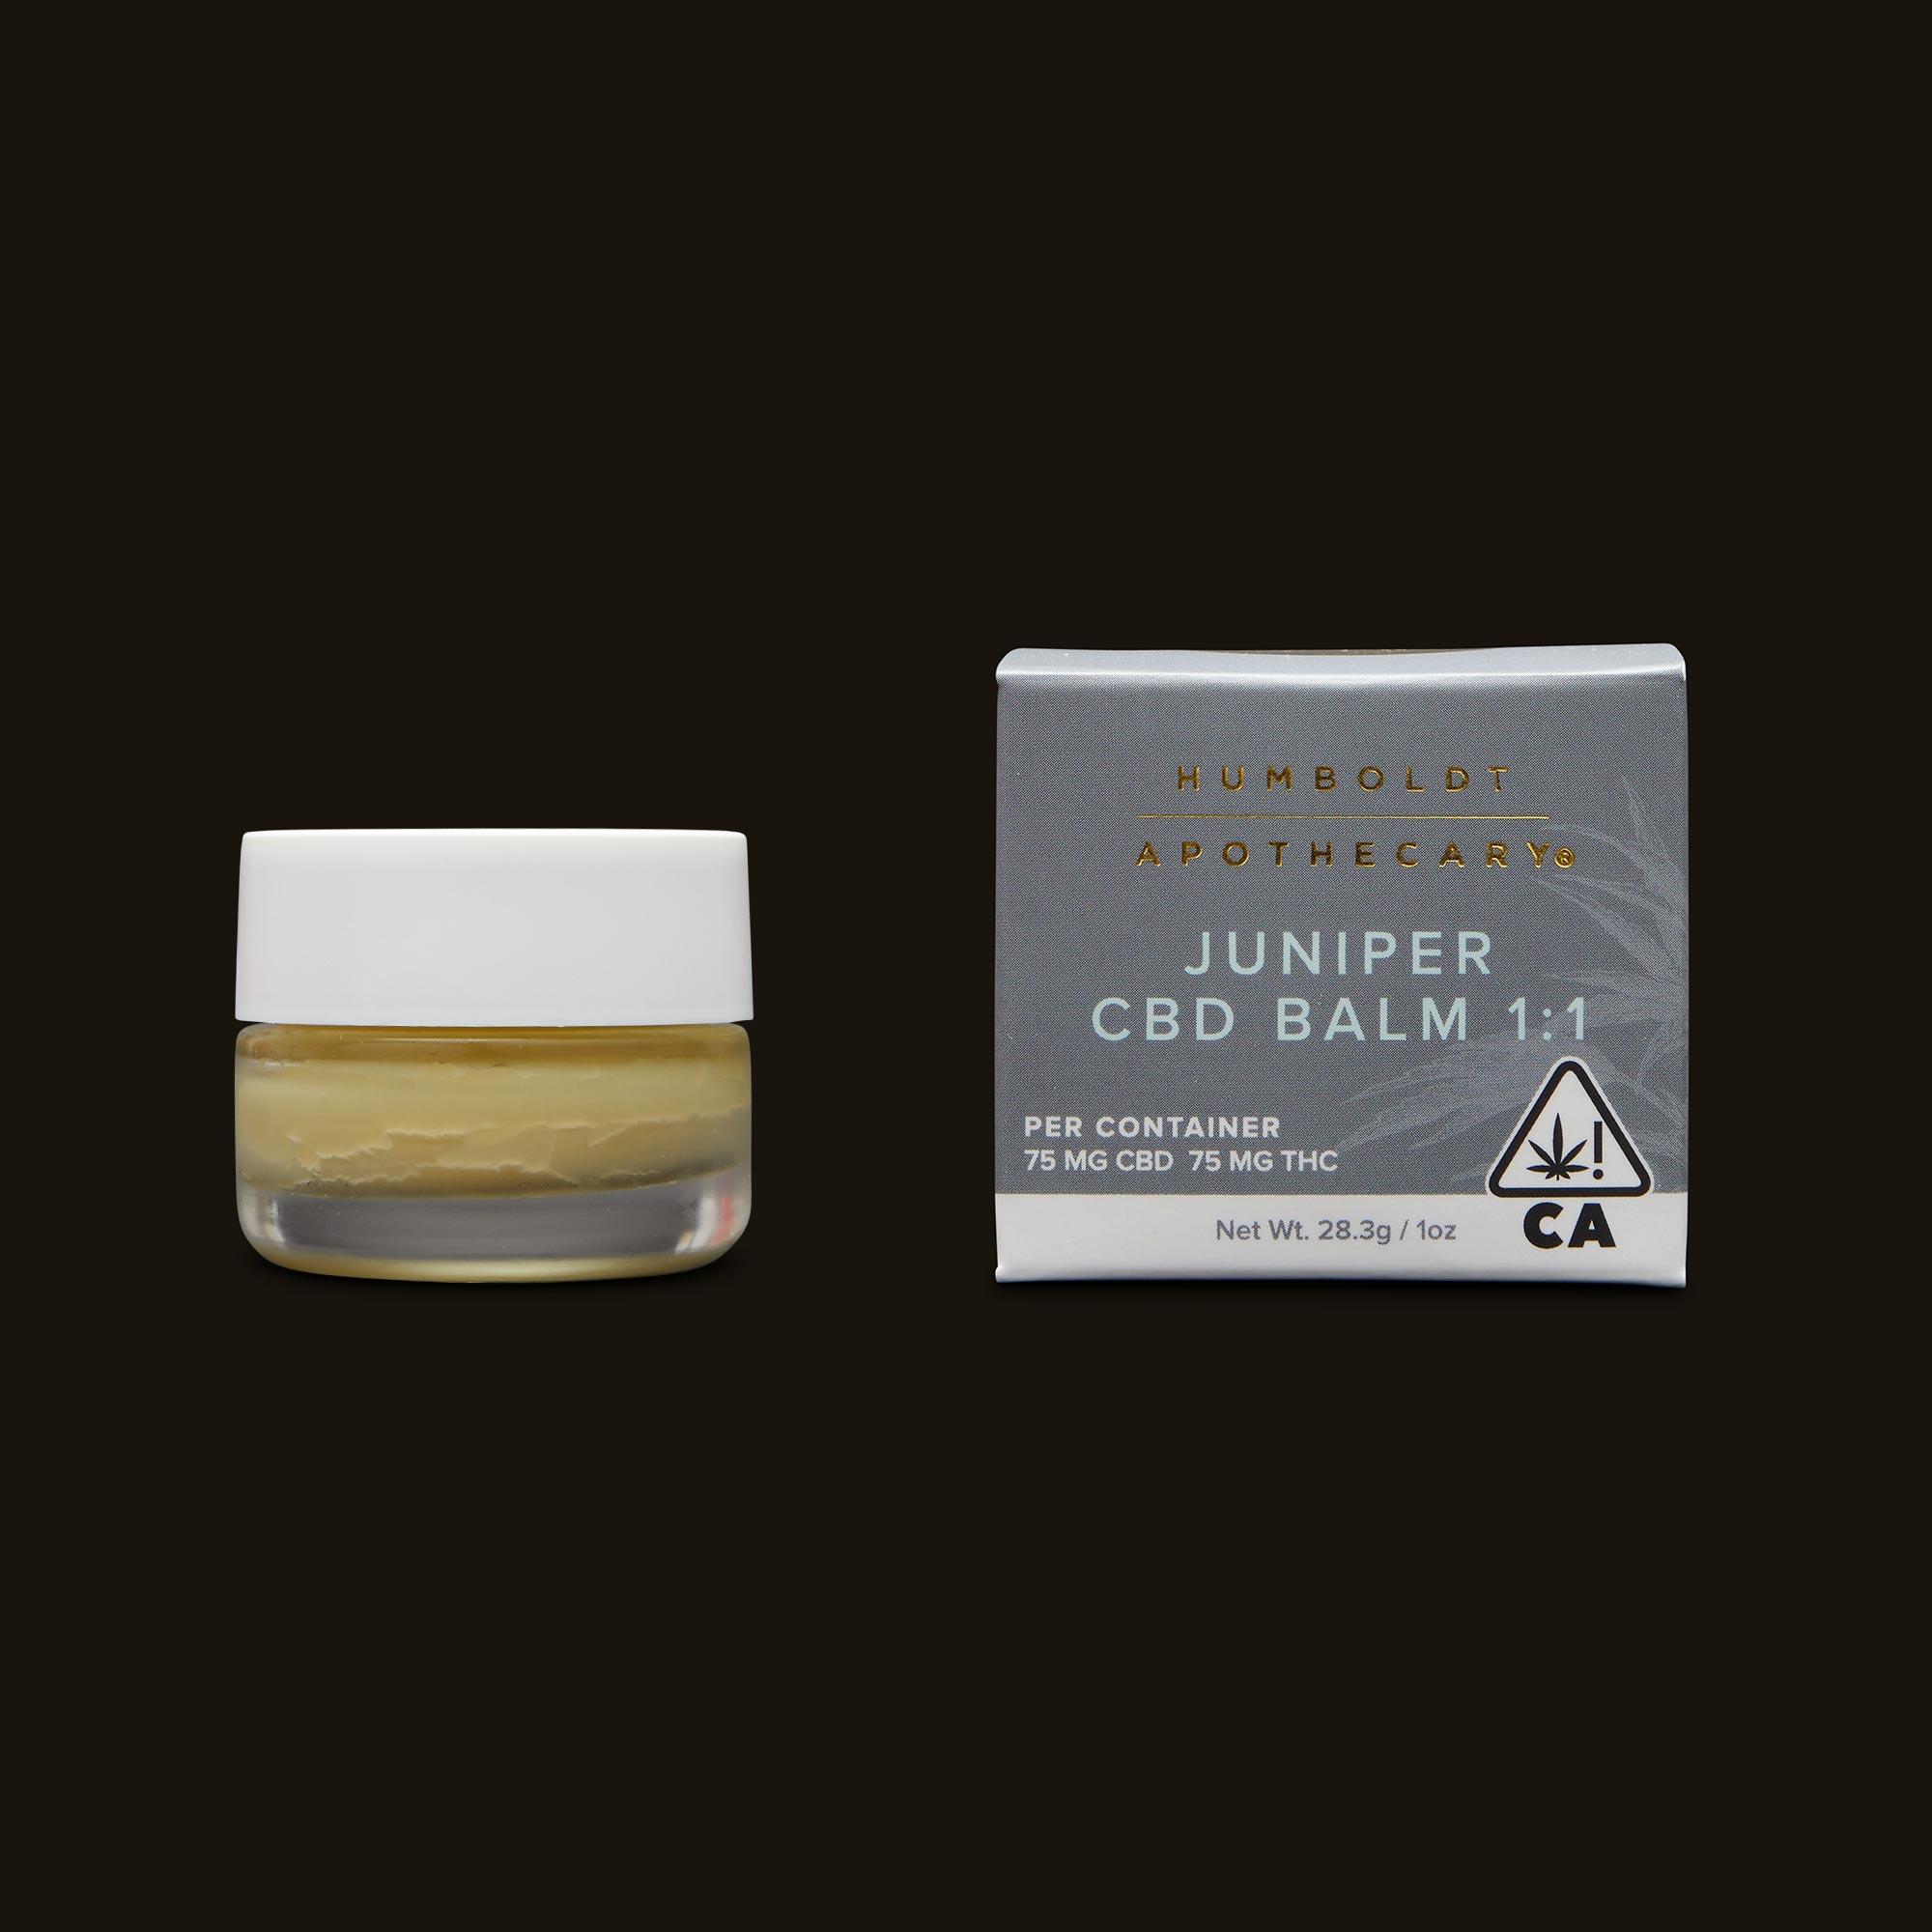 Humboldt Apothecary Juniper CBD Balm Jar and Packaging